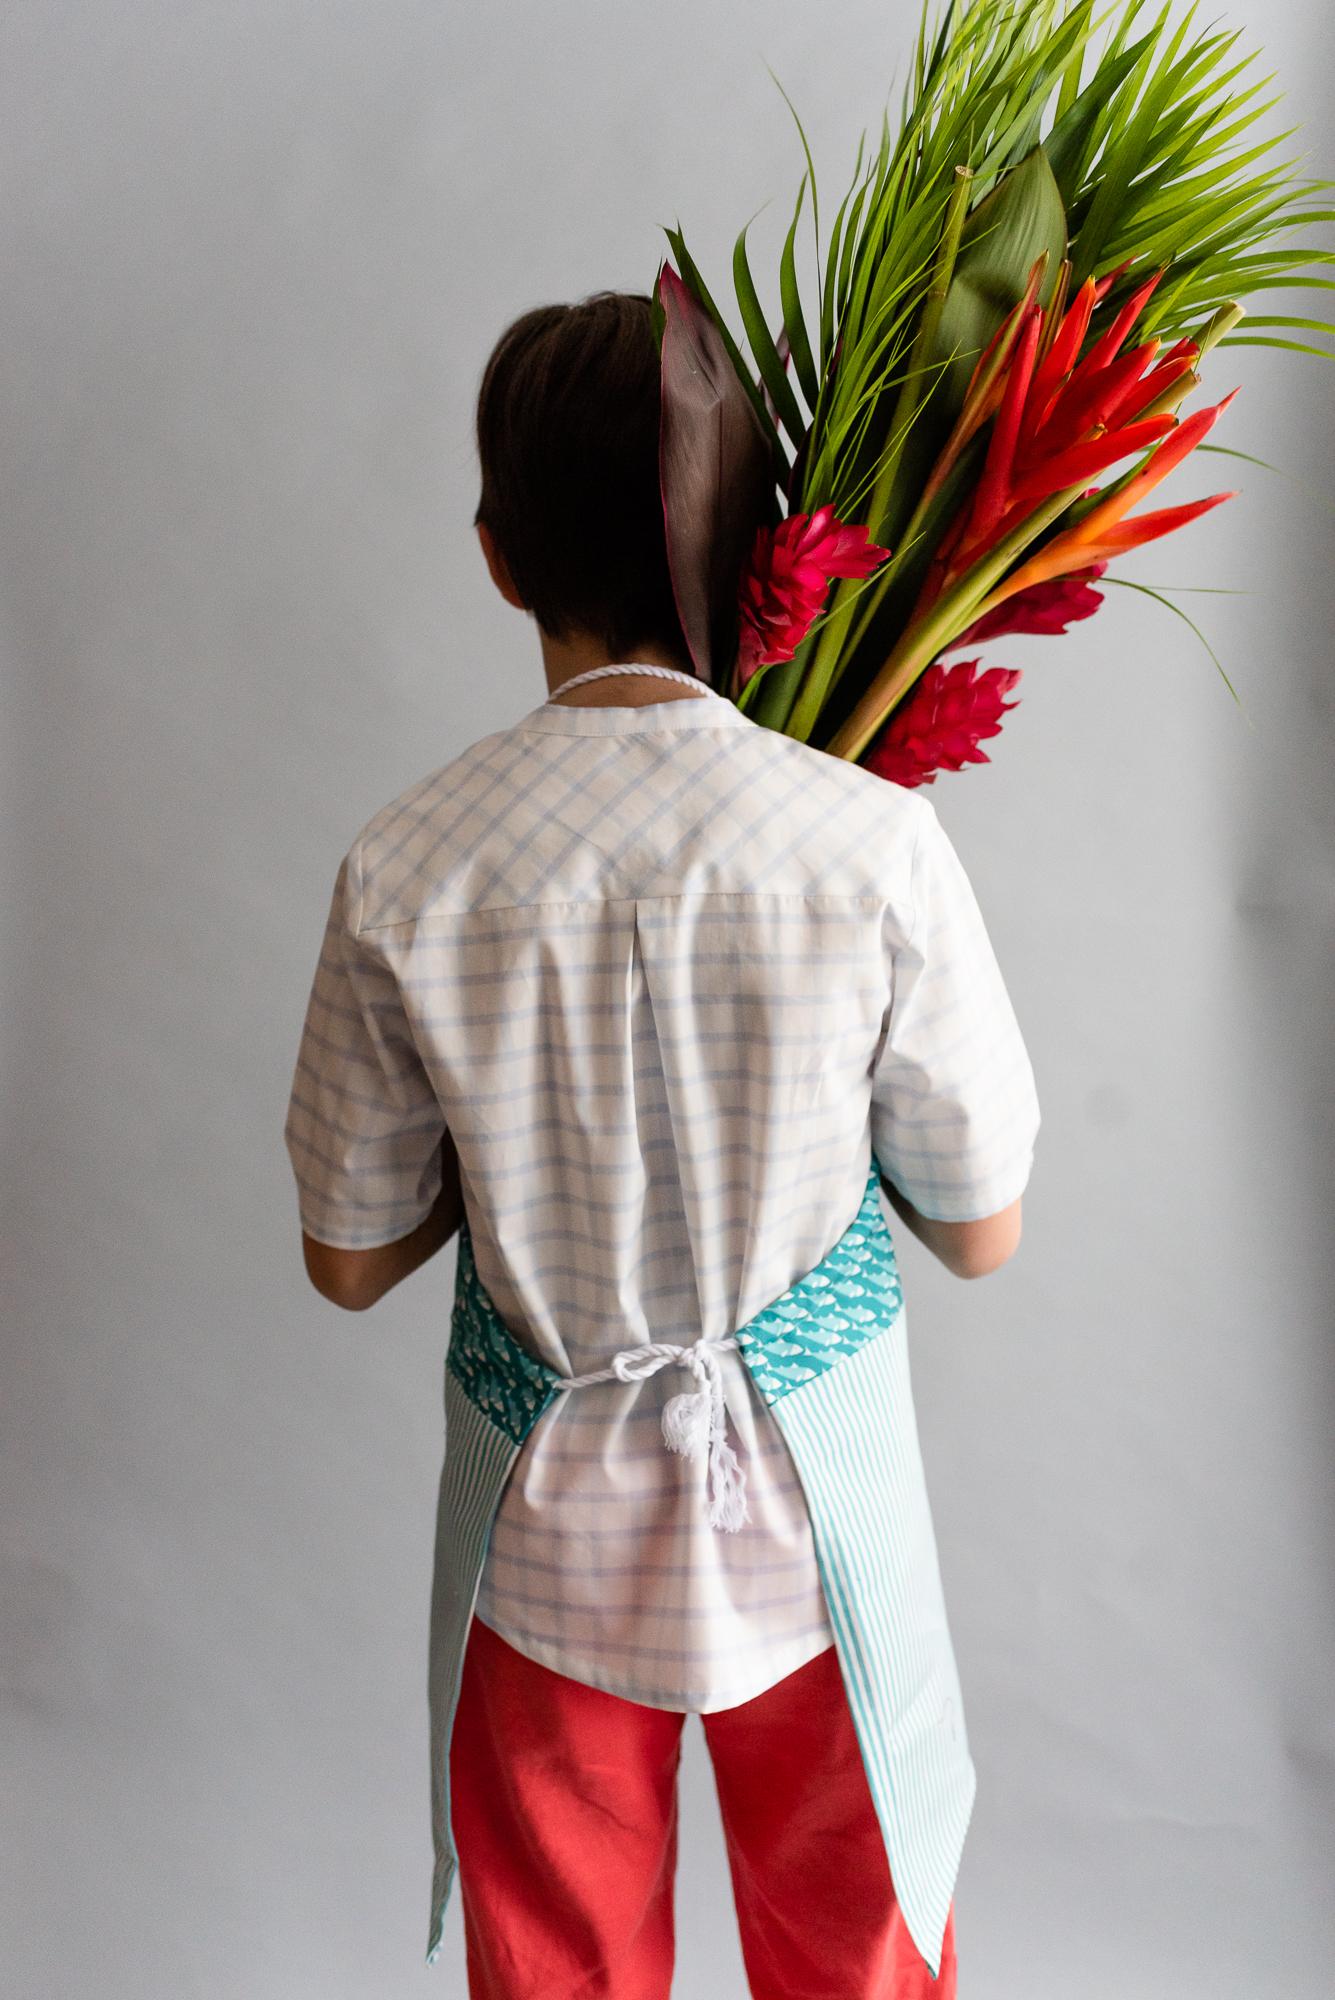 prp-kids=clothing-sewing-patterns50.jpg